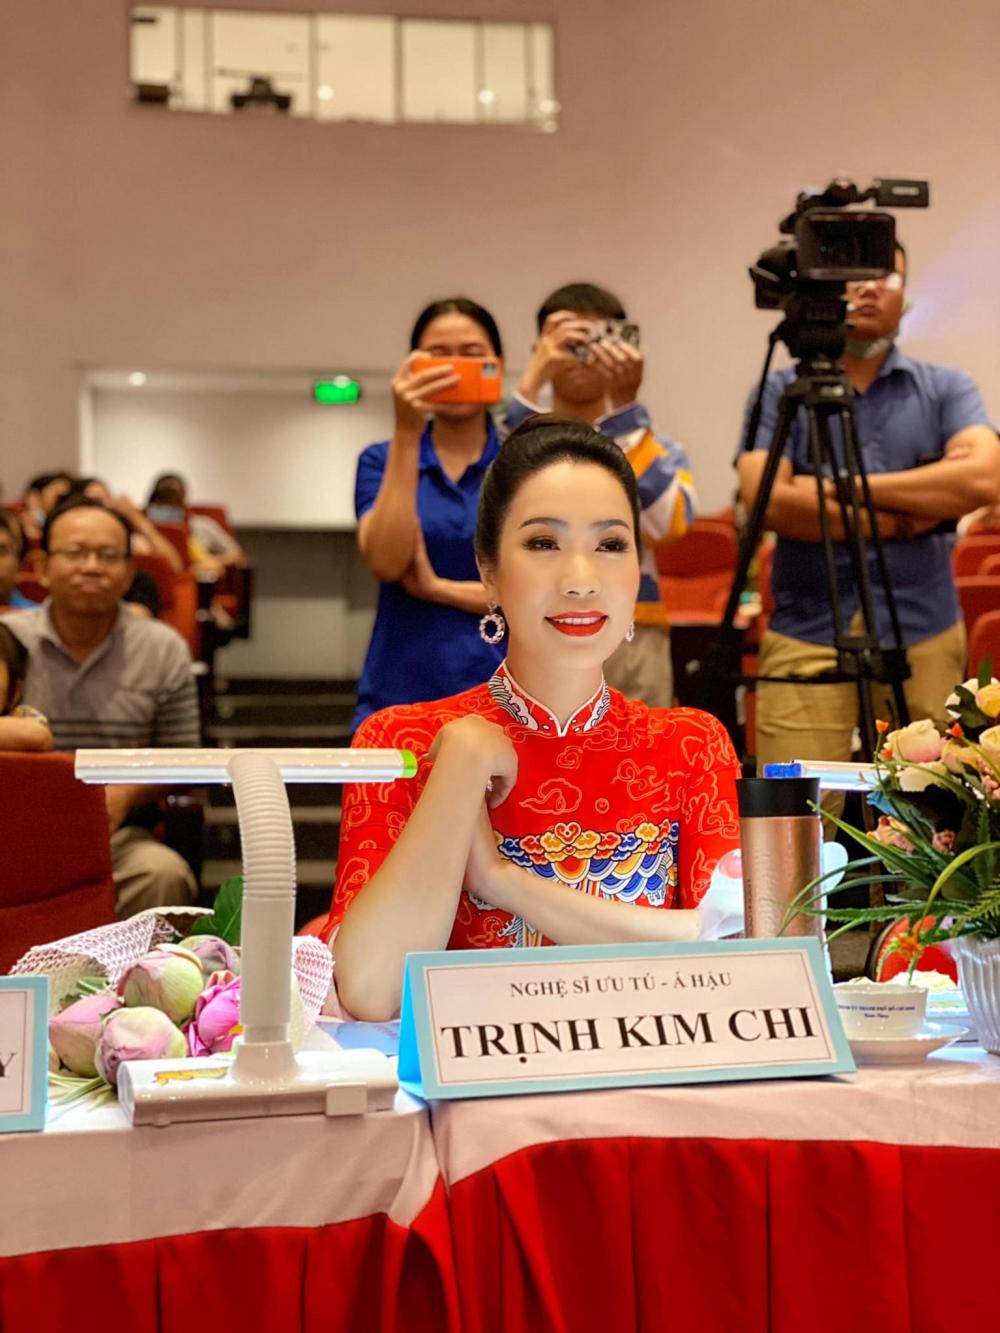 Nghệ sĩ ưu tú- Á hậu Trịnh Kim Chi cũng say sưa với phần trình diễn của các thí sinh.